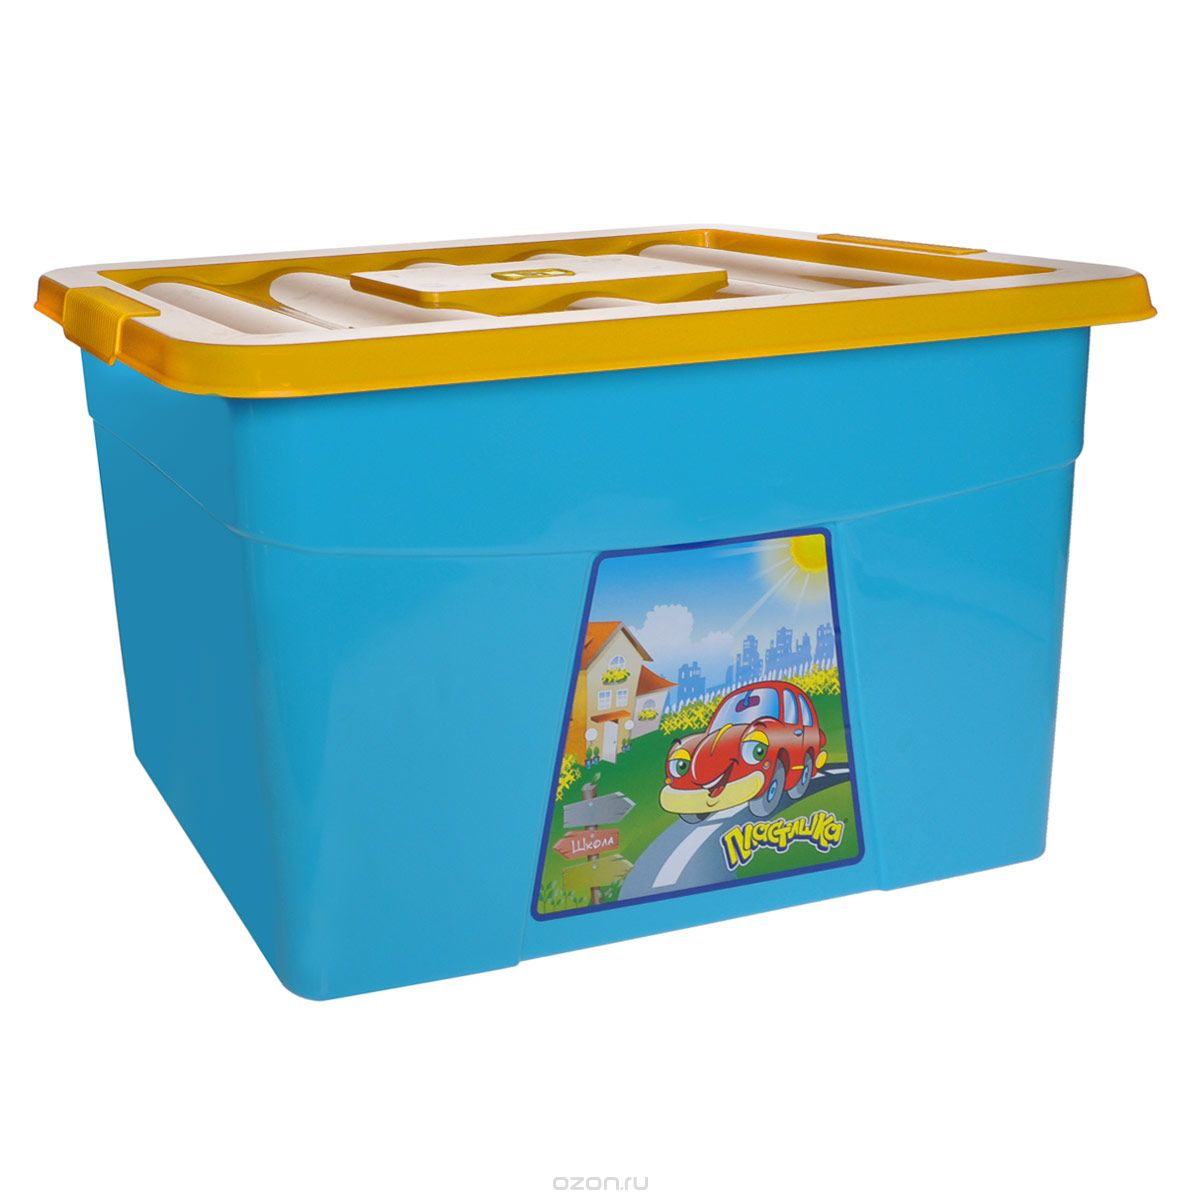 Пластишка Ящик для игрушек на колесиках цвет голубой желтый 60 см х 40 см х 36 см1004900000360Большой вместительный ящик предназначен для хранения игрушек, мелких предметов, детских конструкторов. На дне ящика есть колесики, благодаря которым ребенок сможет сам передвигать ящик по комнате. Удобный ящик защитит содержимое от пыли, влаги, грязи. Он выполнен из высококачественного экологически чистого, прочного материала. Яркий, красивый дизайн ящика на колесах и его функциональность по достоинству оценят родители и дети.